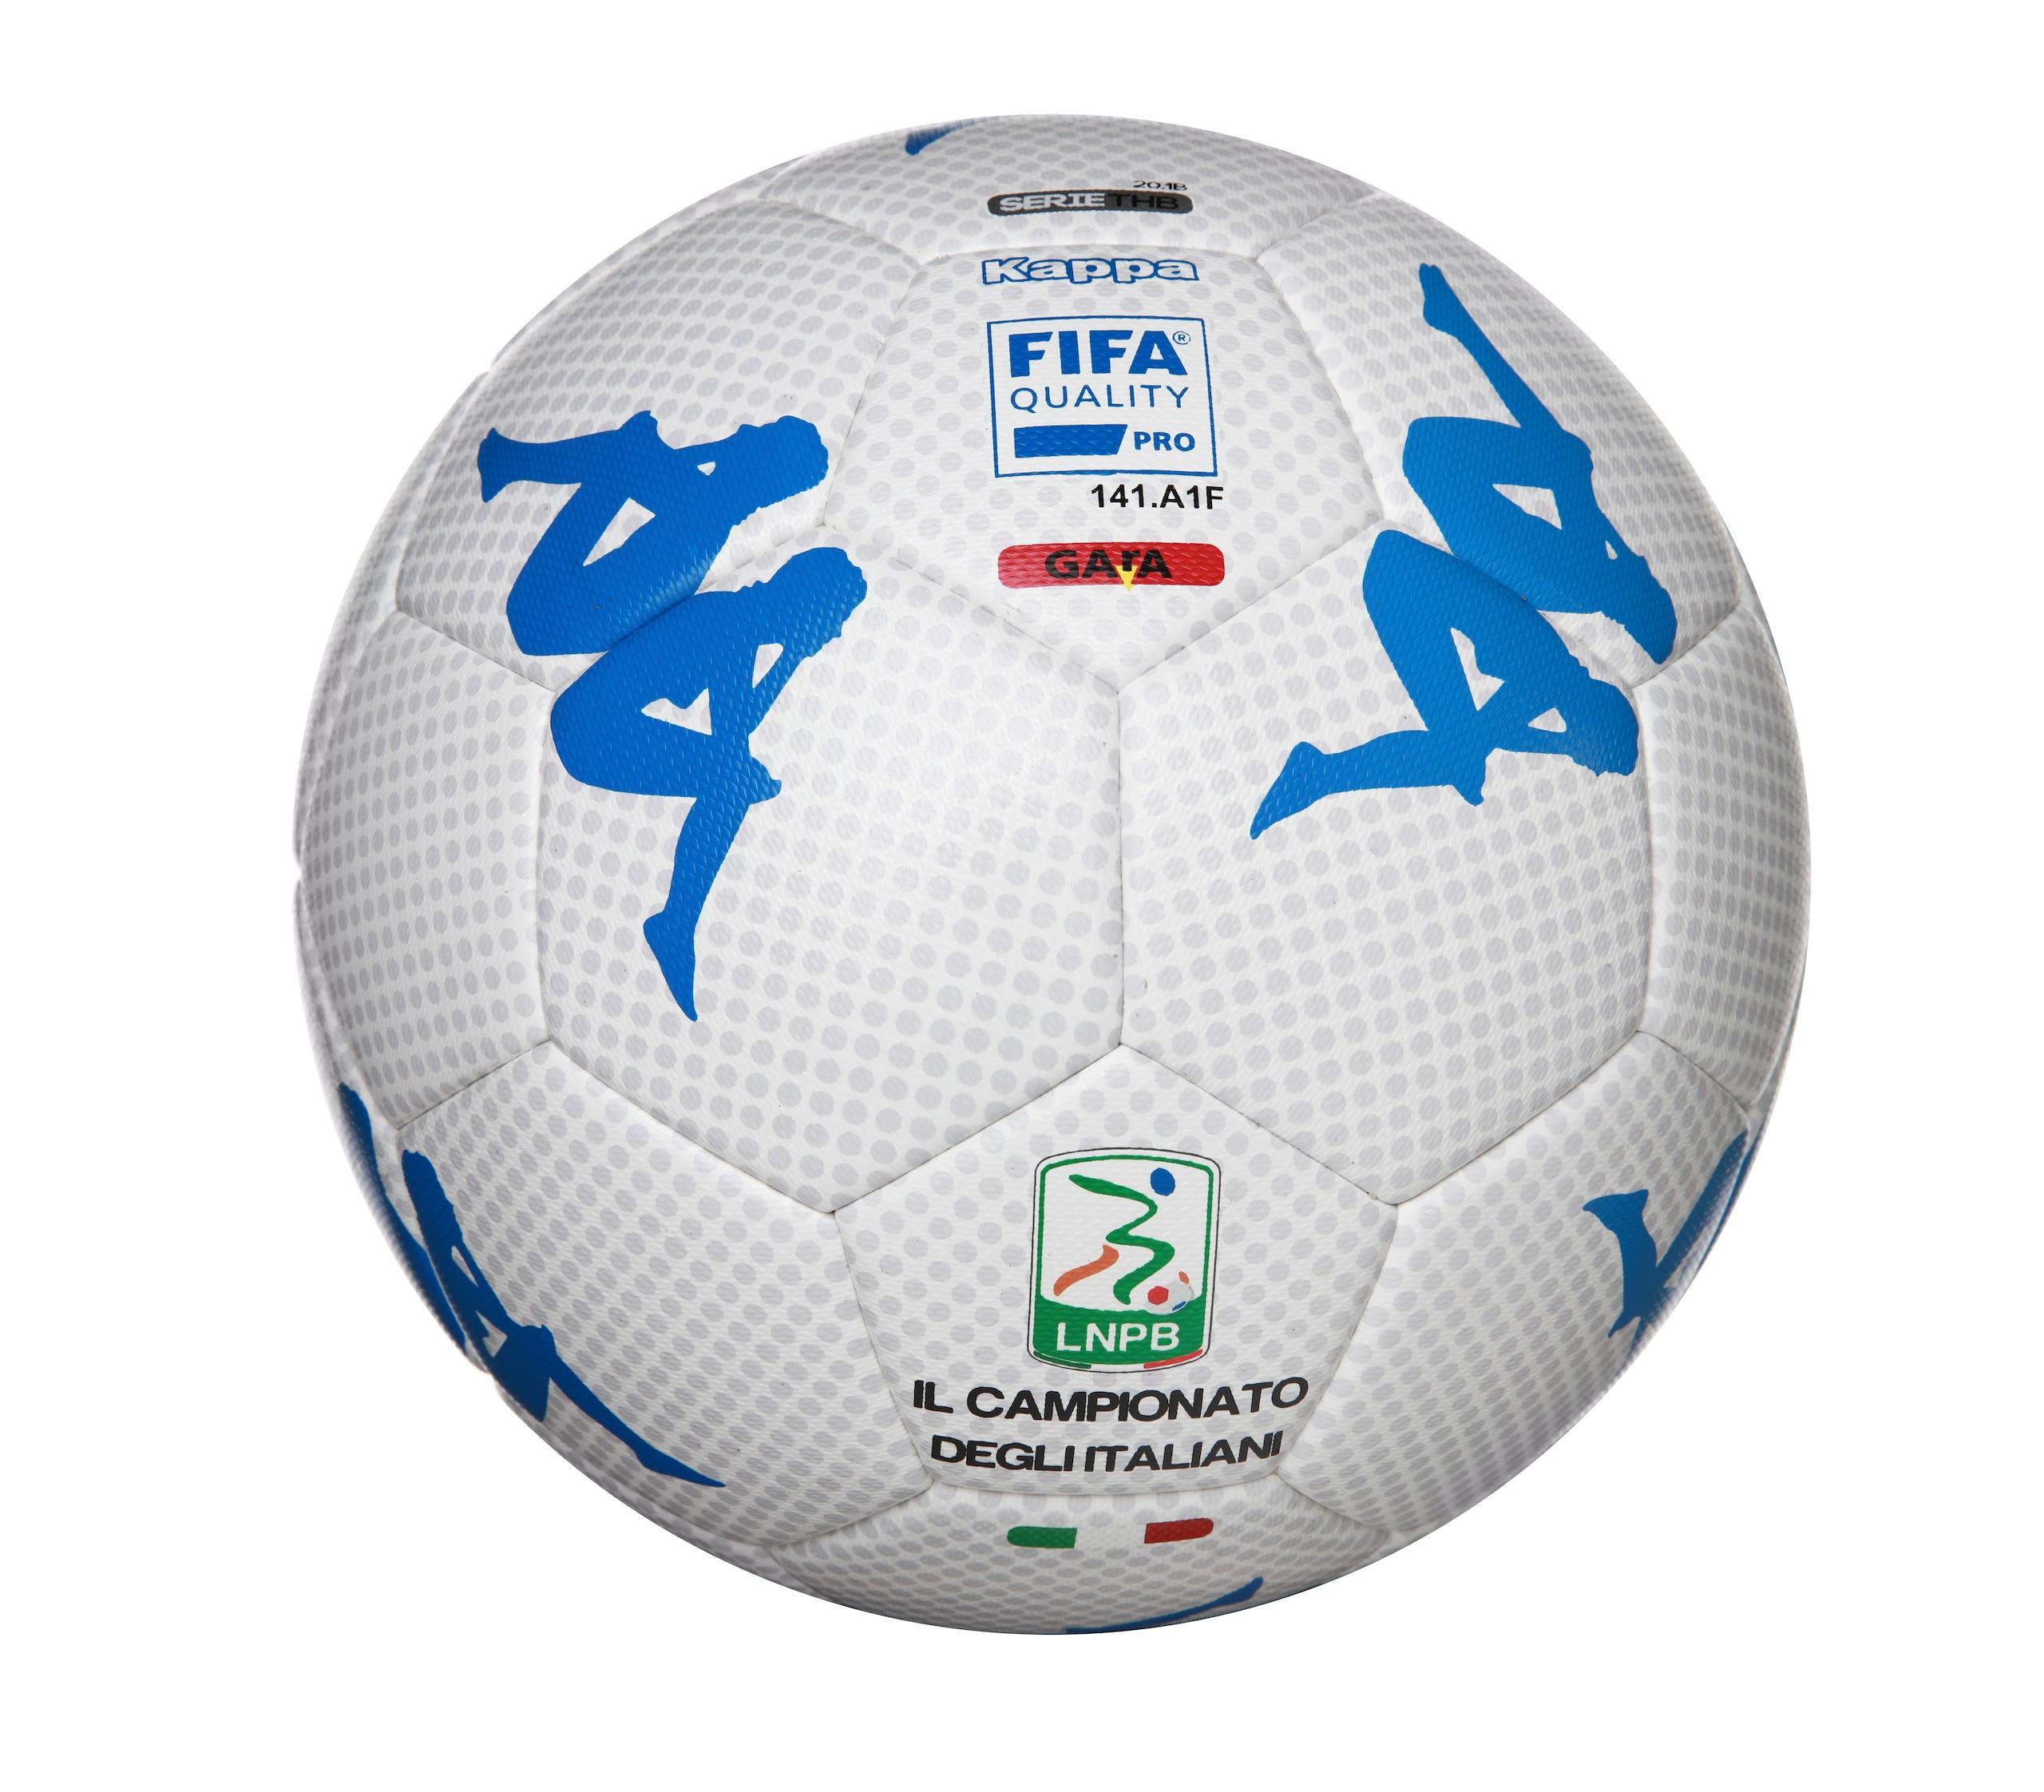 Serie B 2017/18: ecco il nuovo pallone ufficiale del campionato